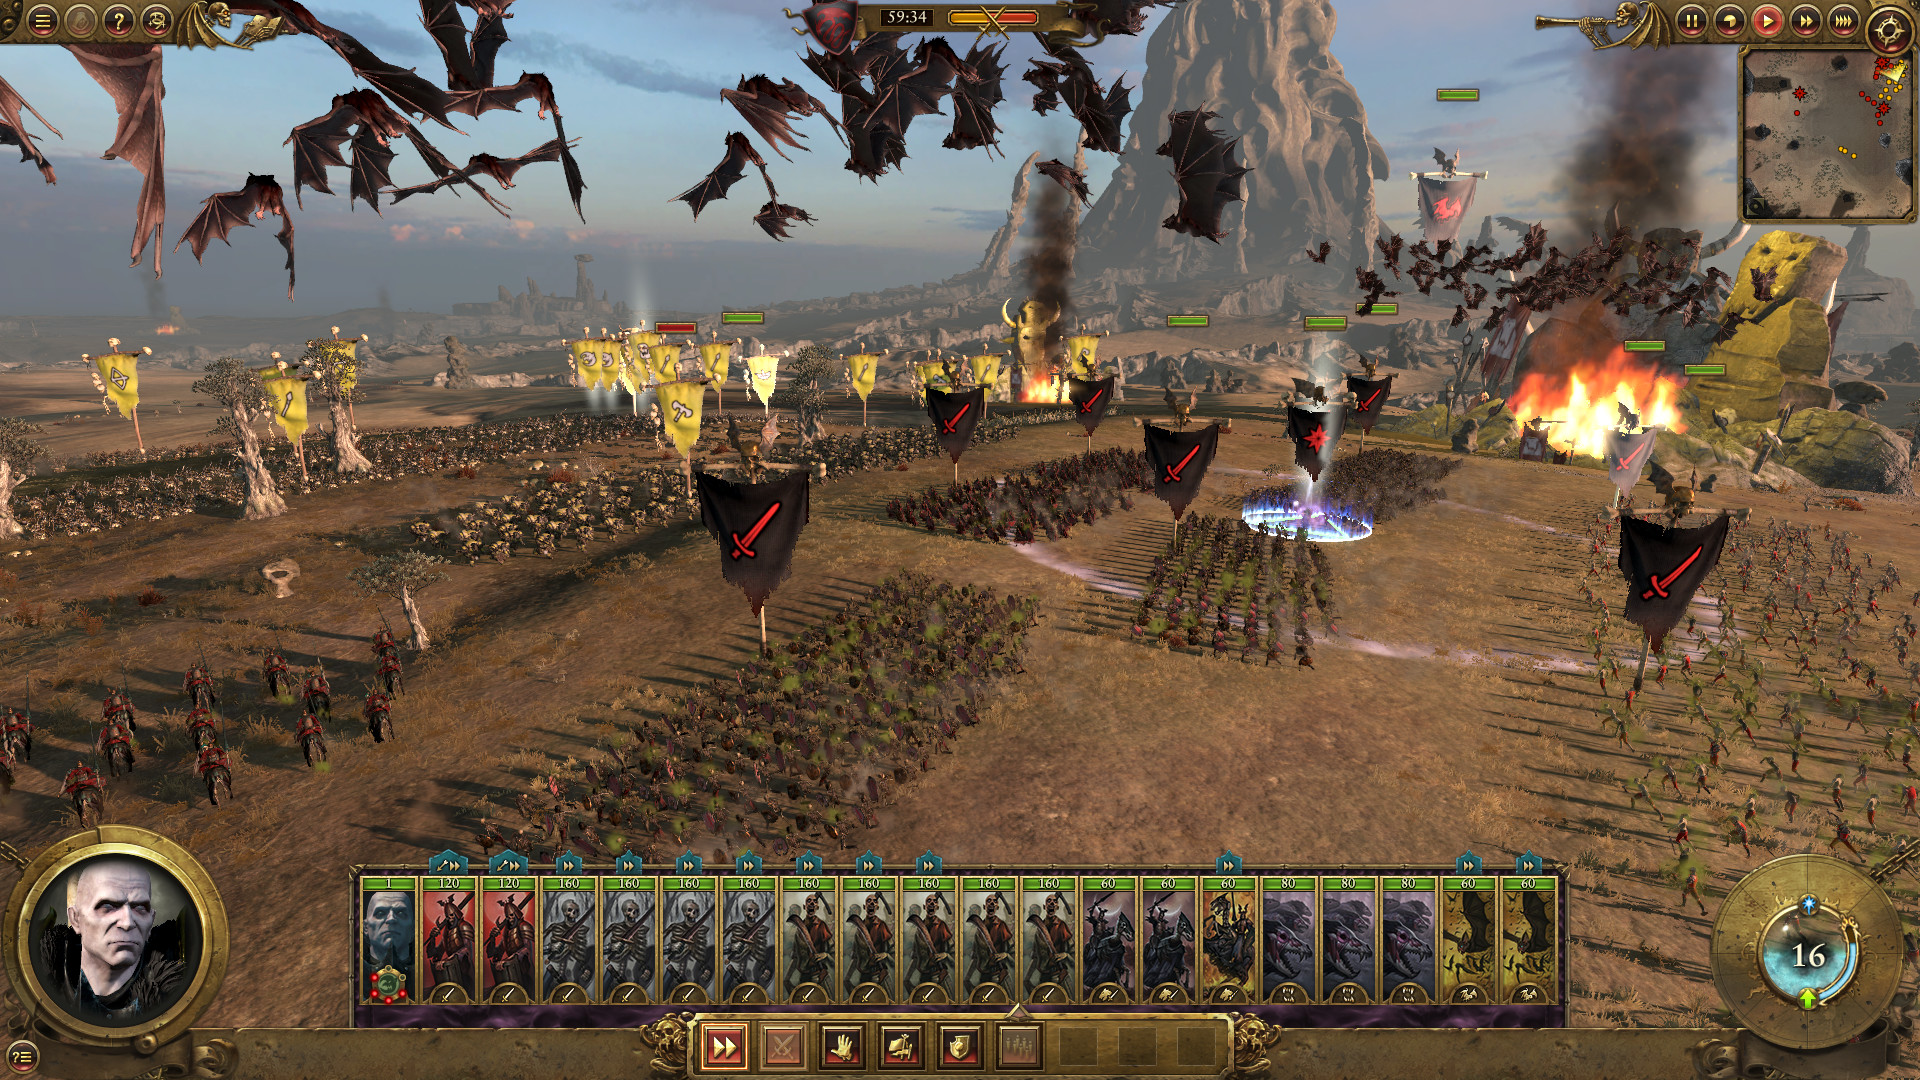 Скачать игру warhammer 40000 dawn of war 2.